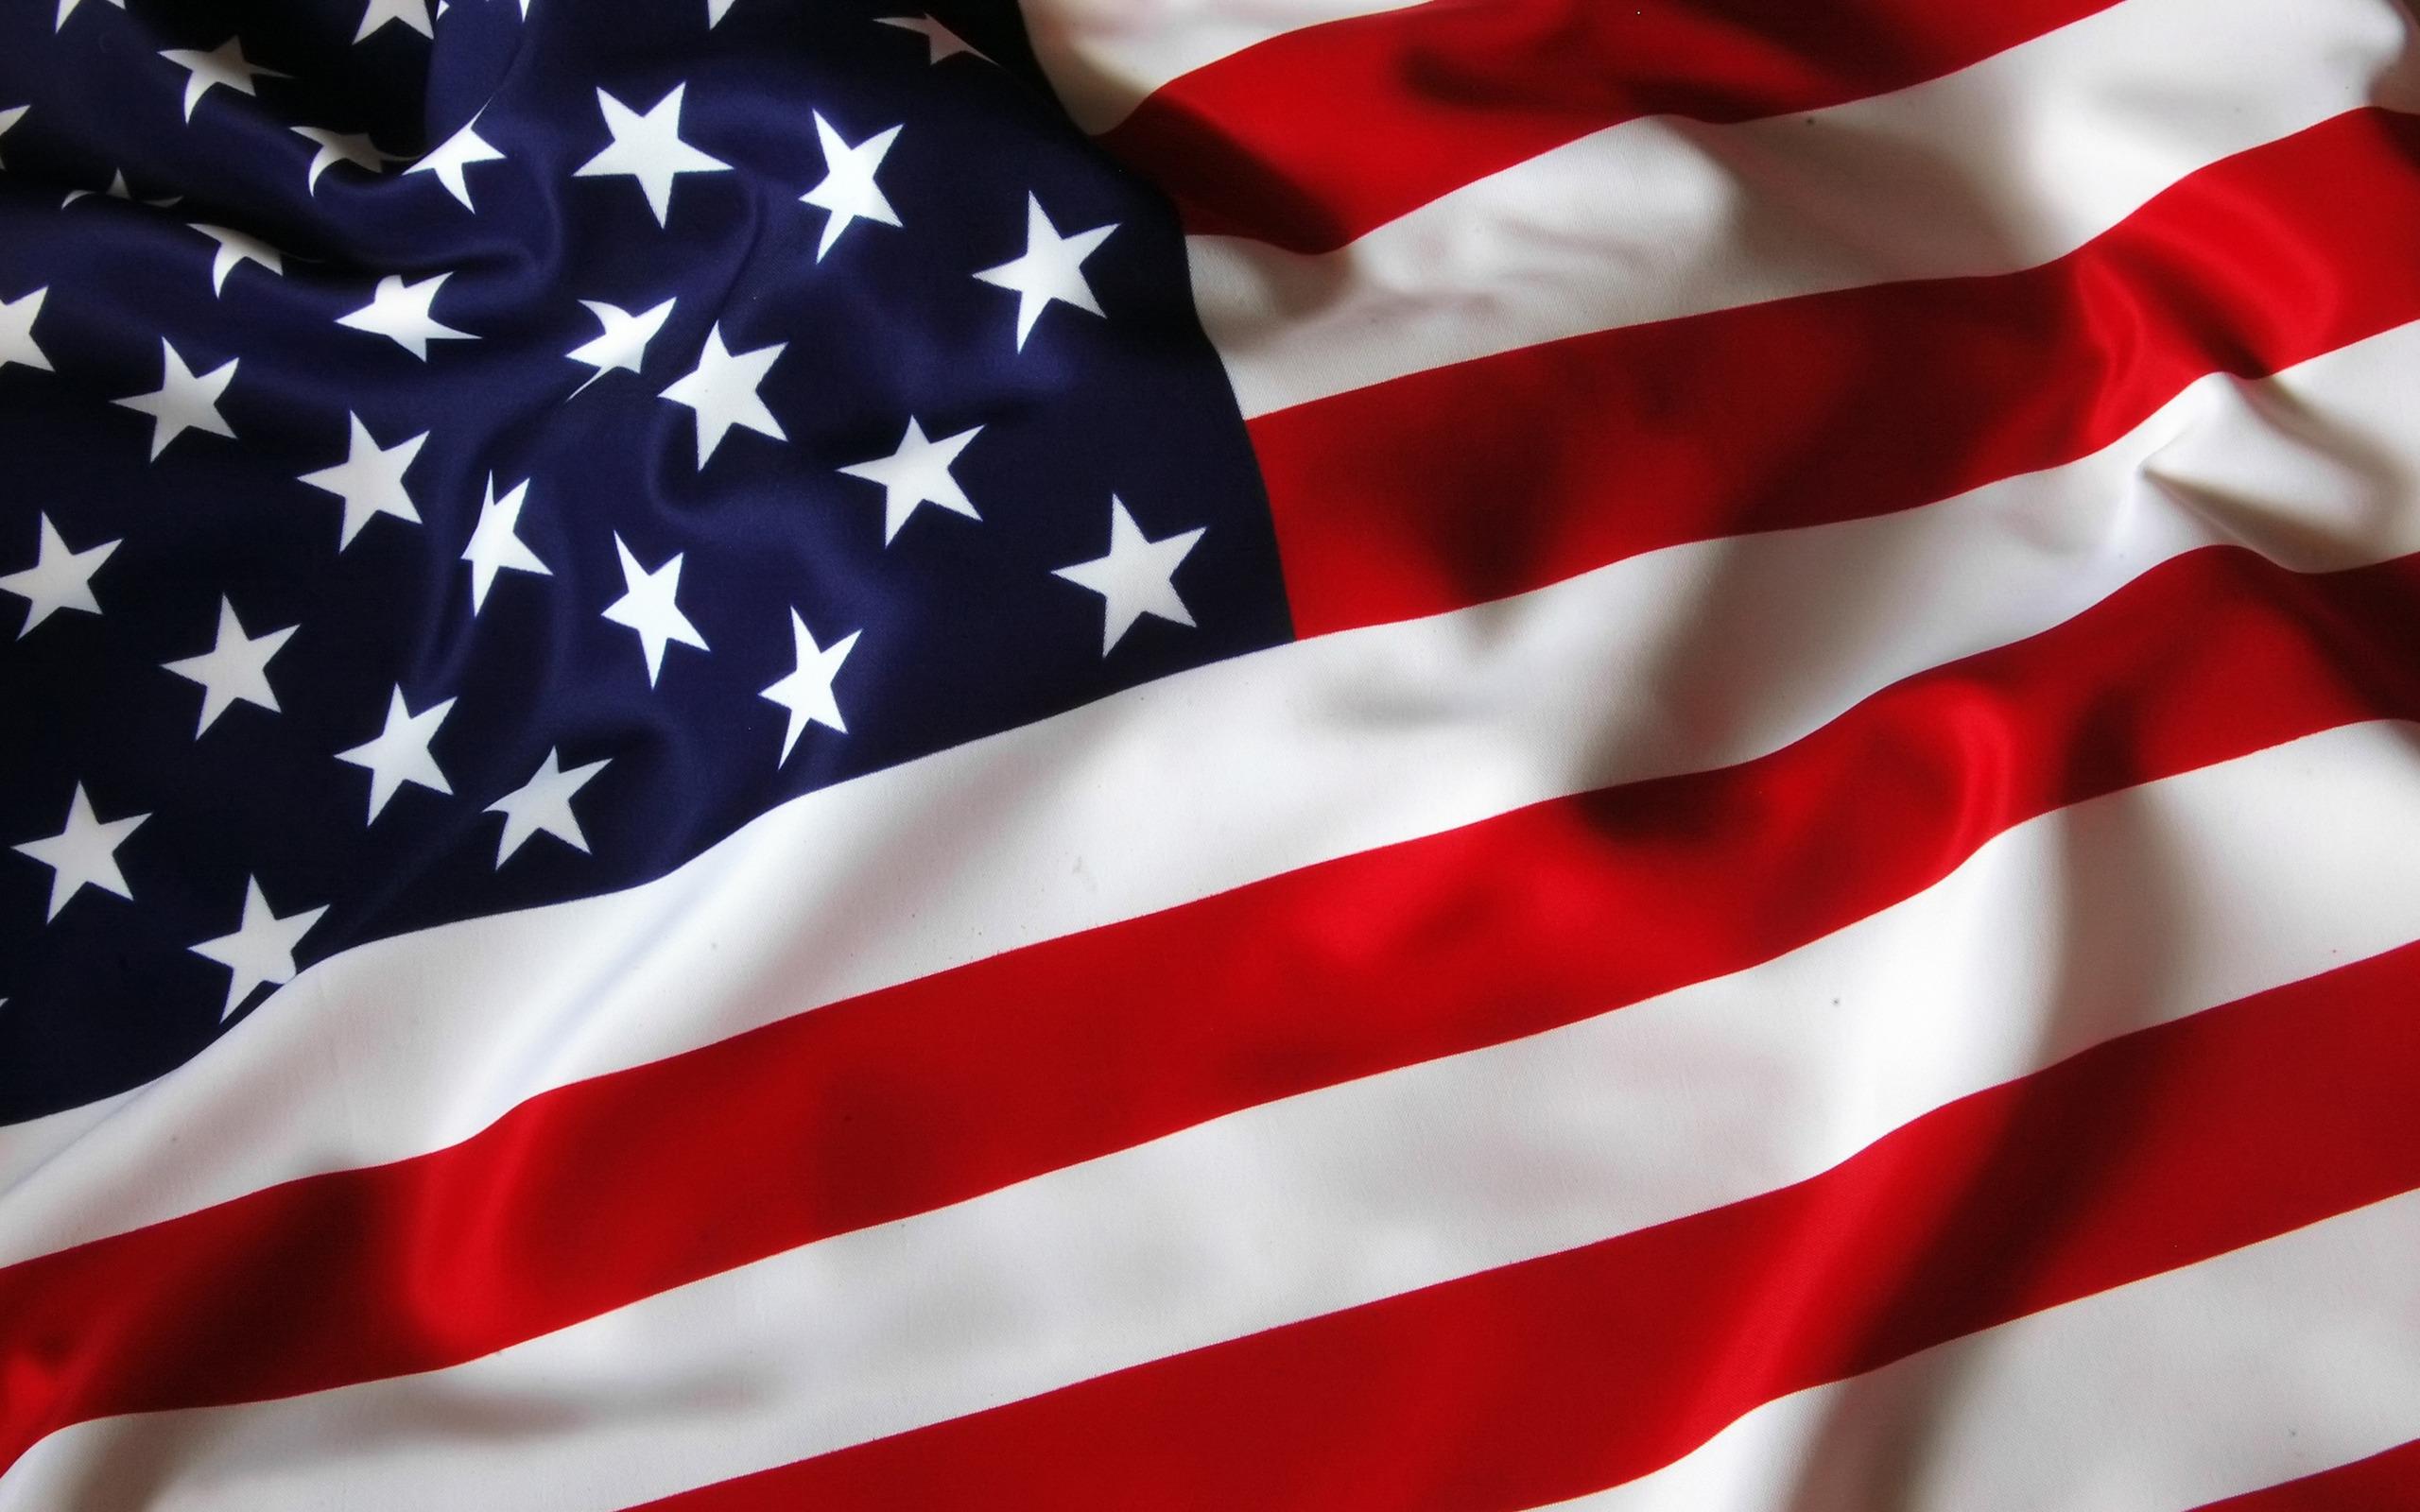 Hd wallpaper usa flag - Hd Wallpaper Usa Flag American Flag